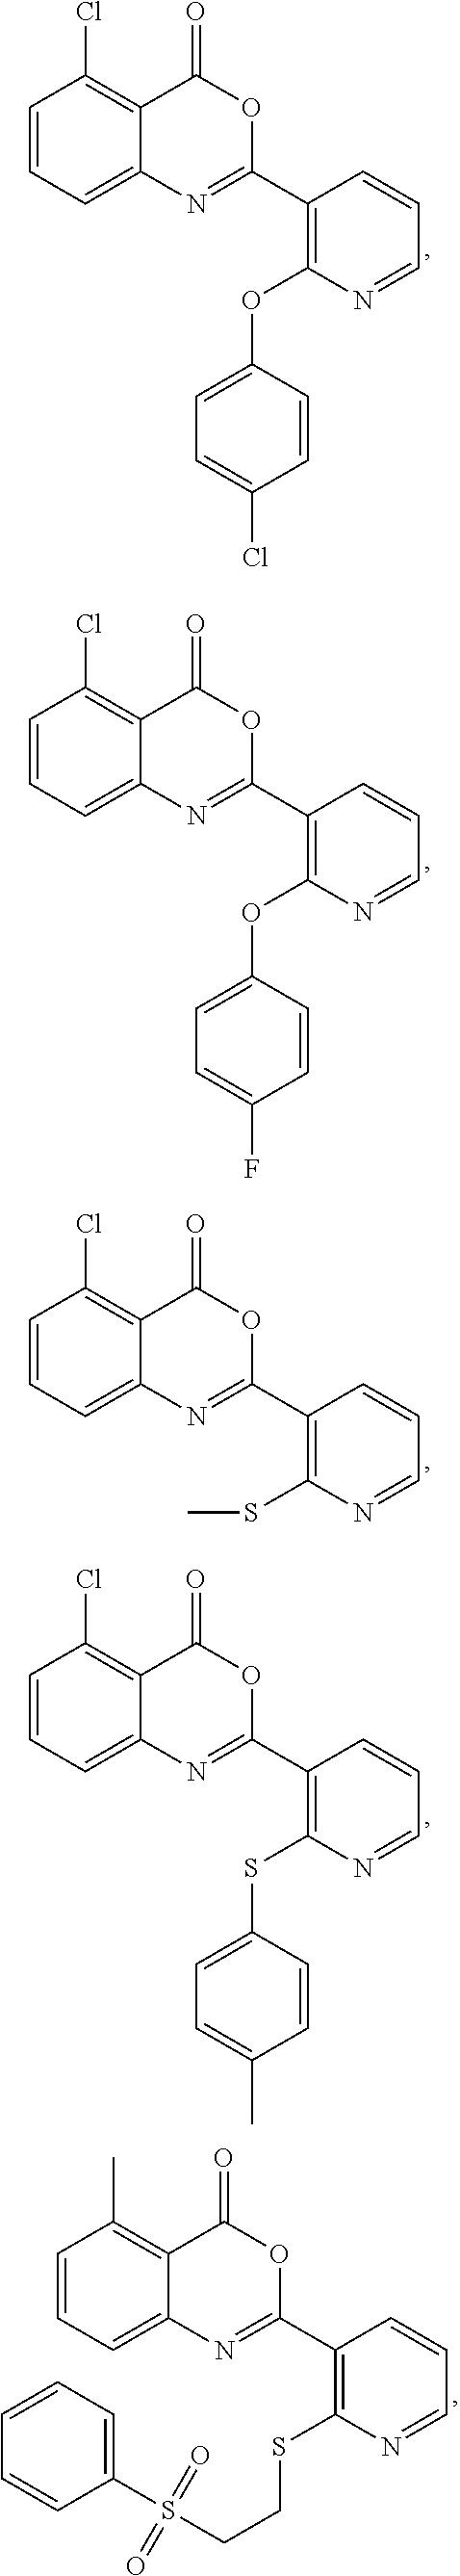 Figure US07879846-20110201-C00376